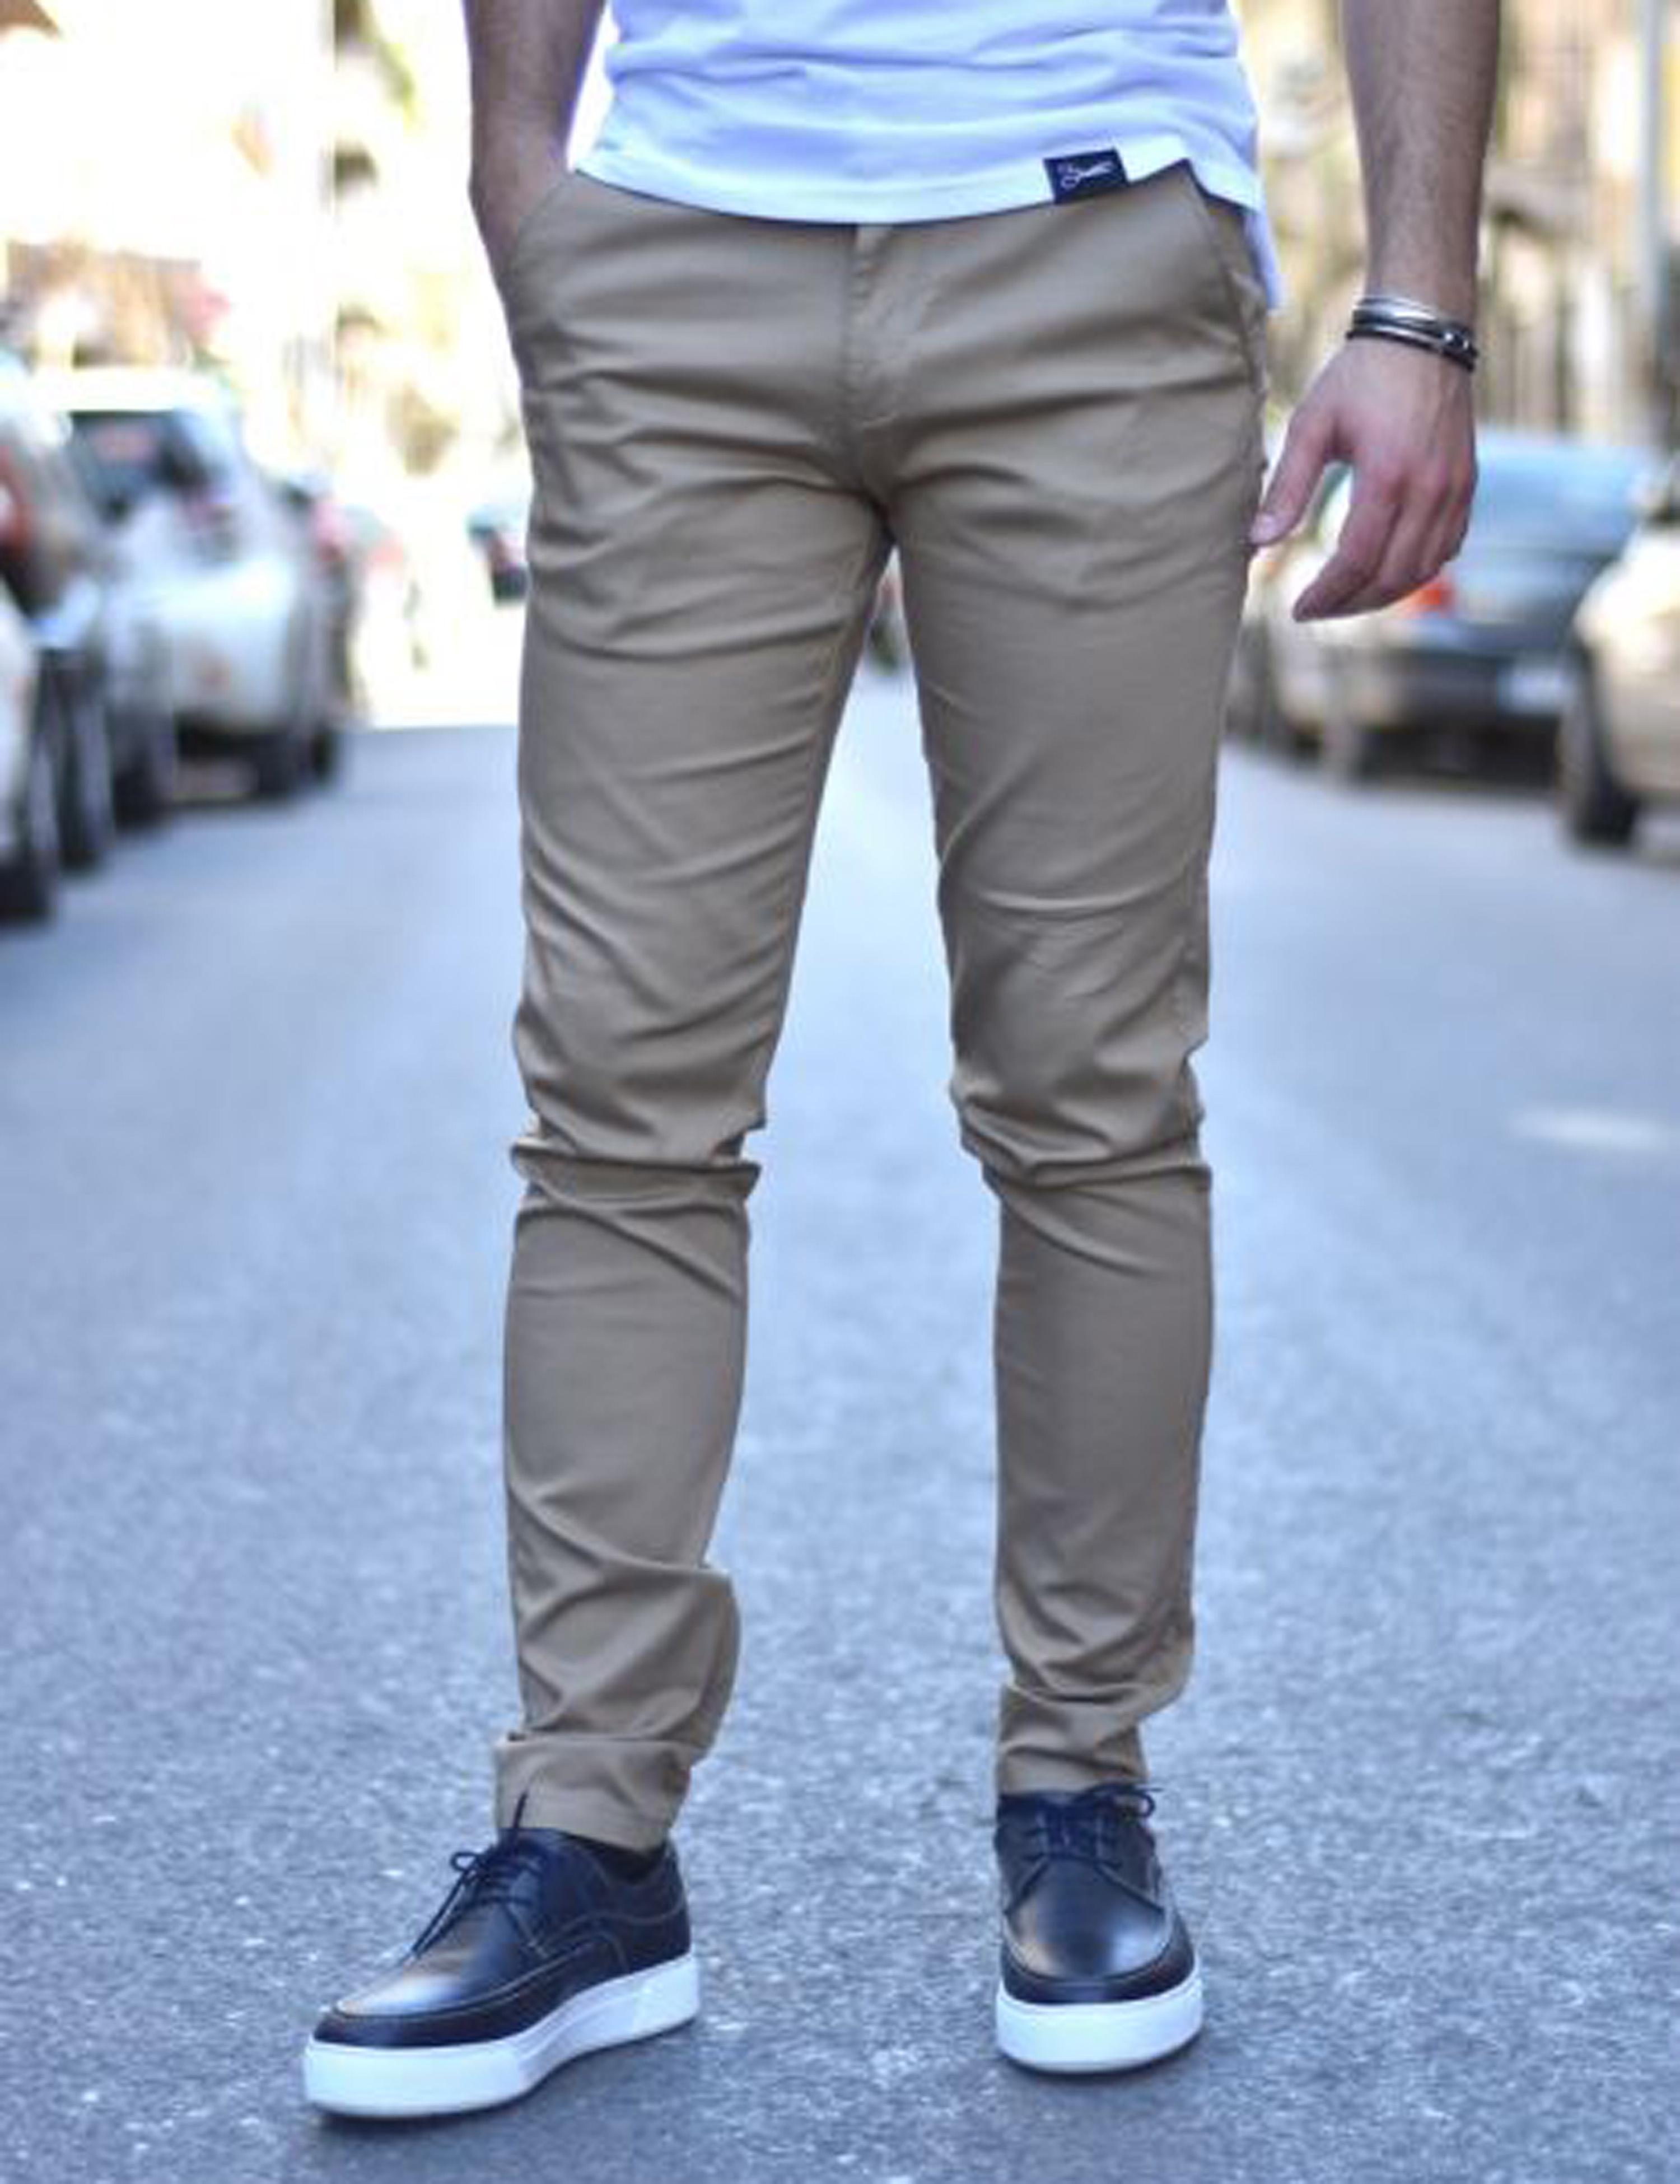 9f5ef313e51 Ανδρικά παντελόνια | 11 | oeek.gr